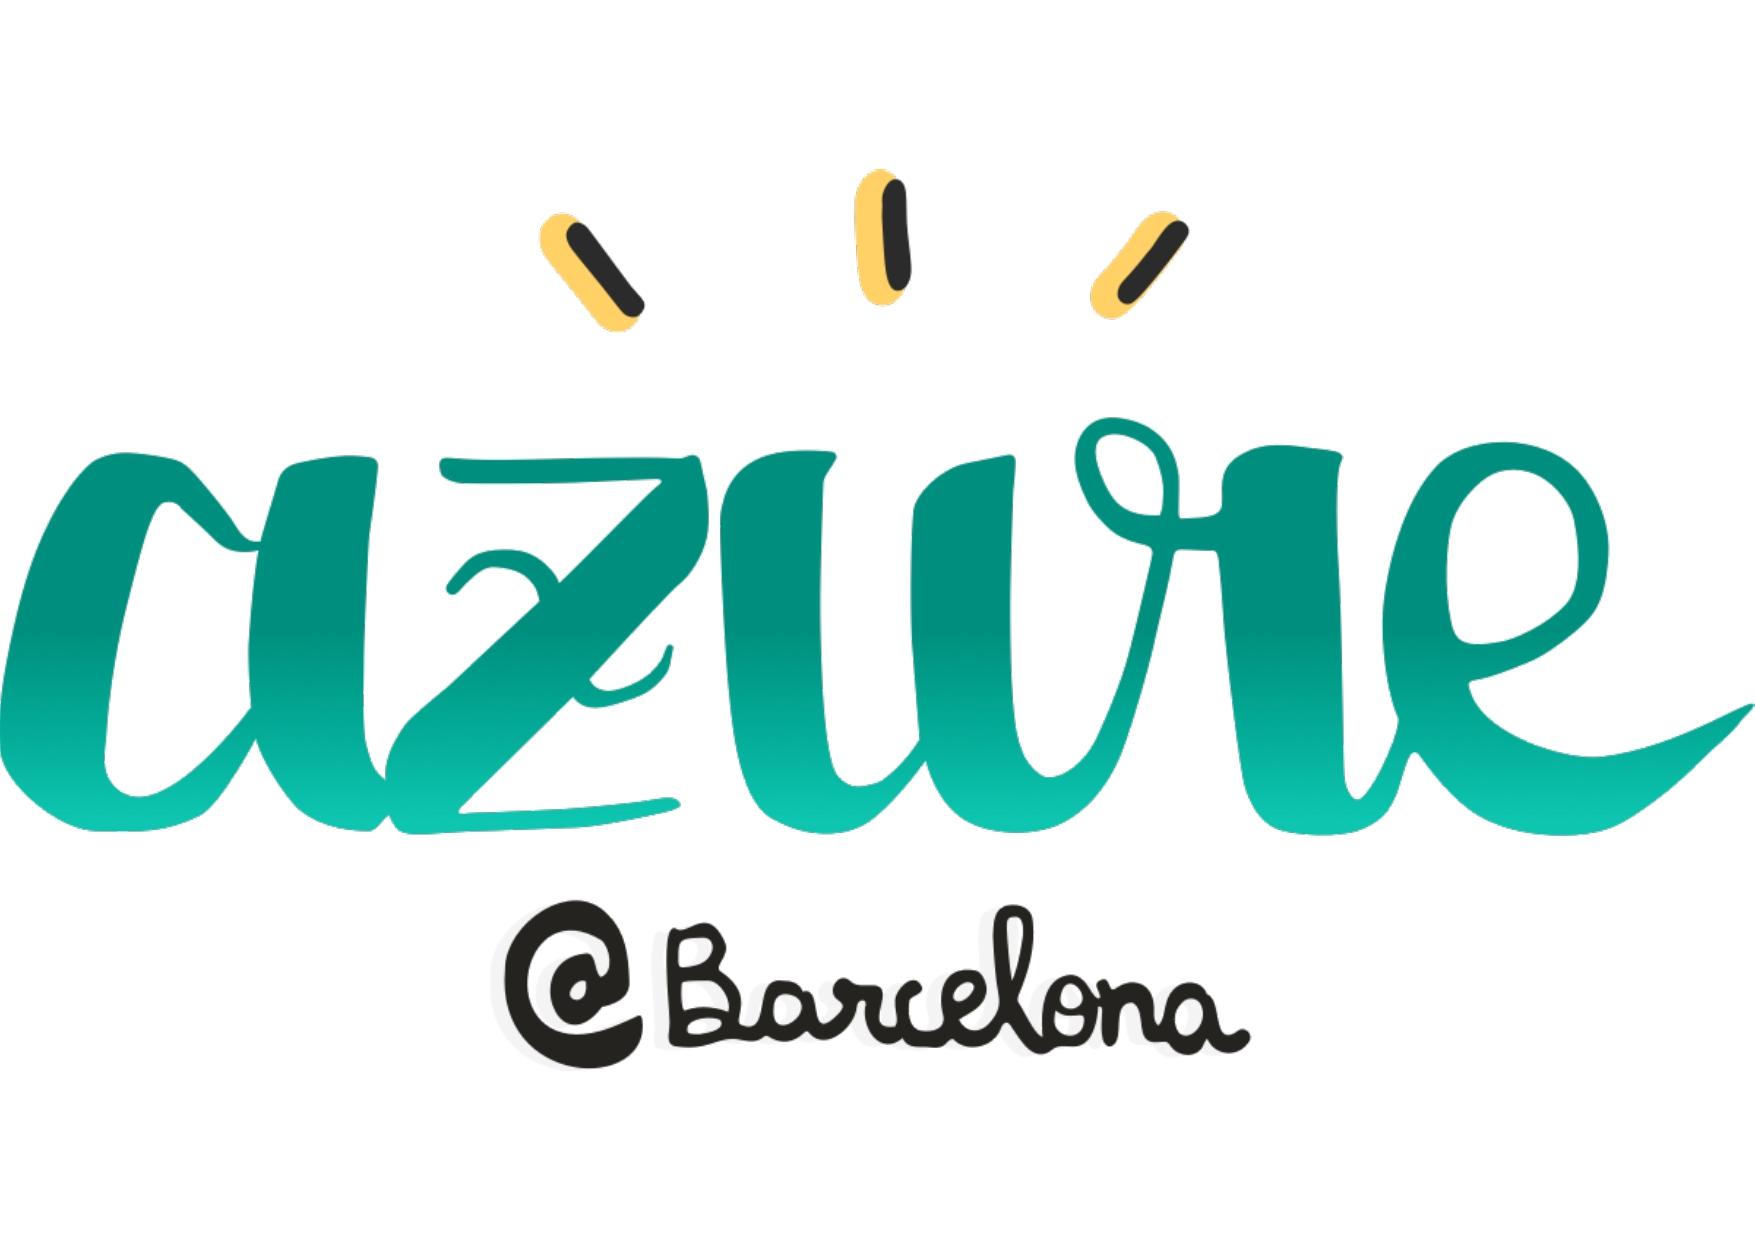 Azure Barcelona